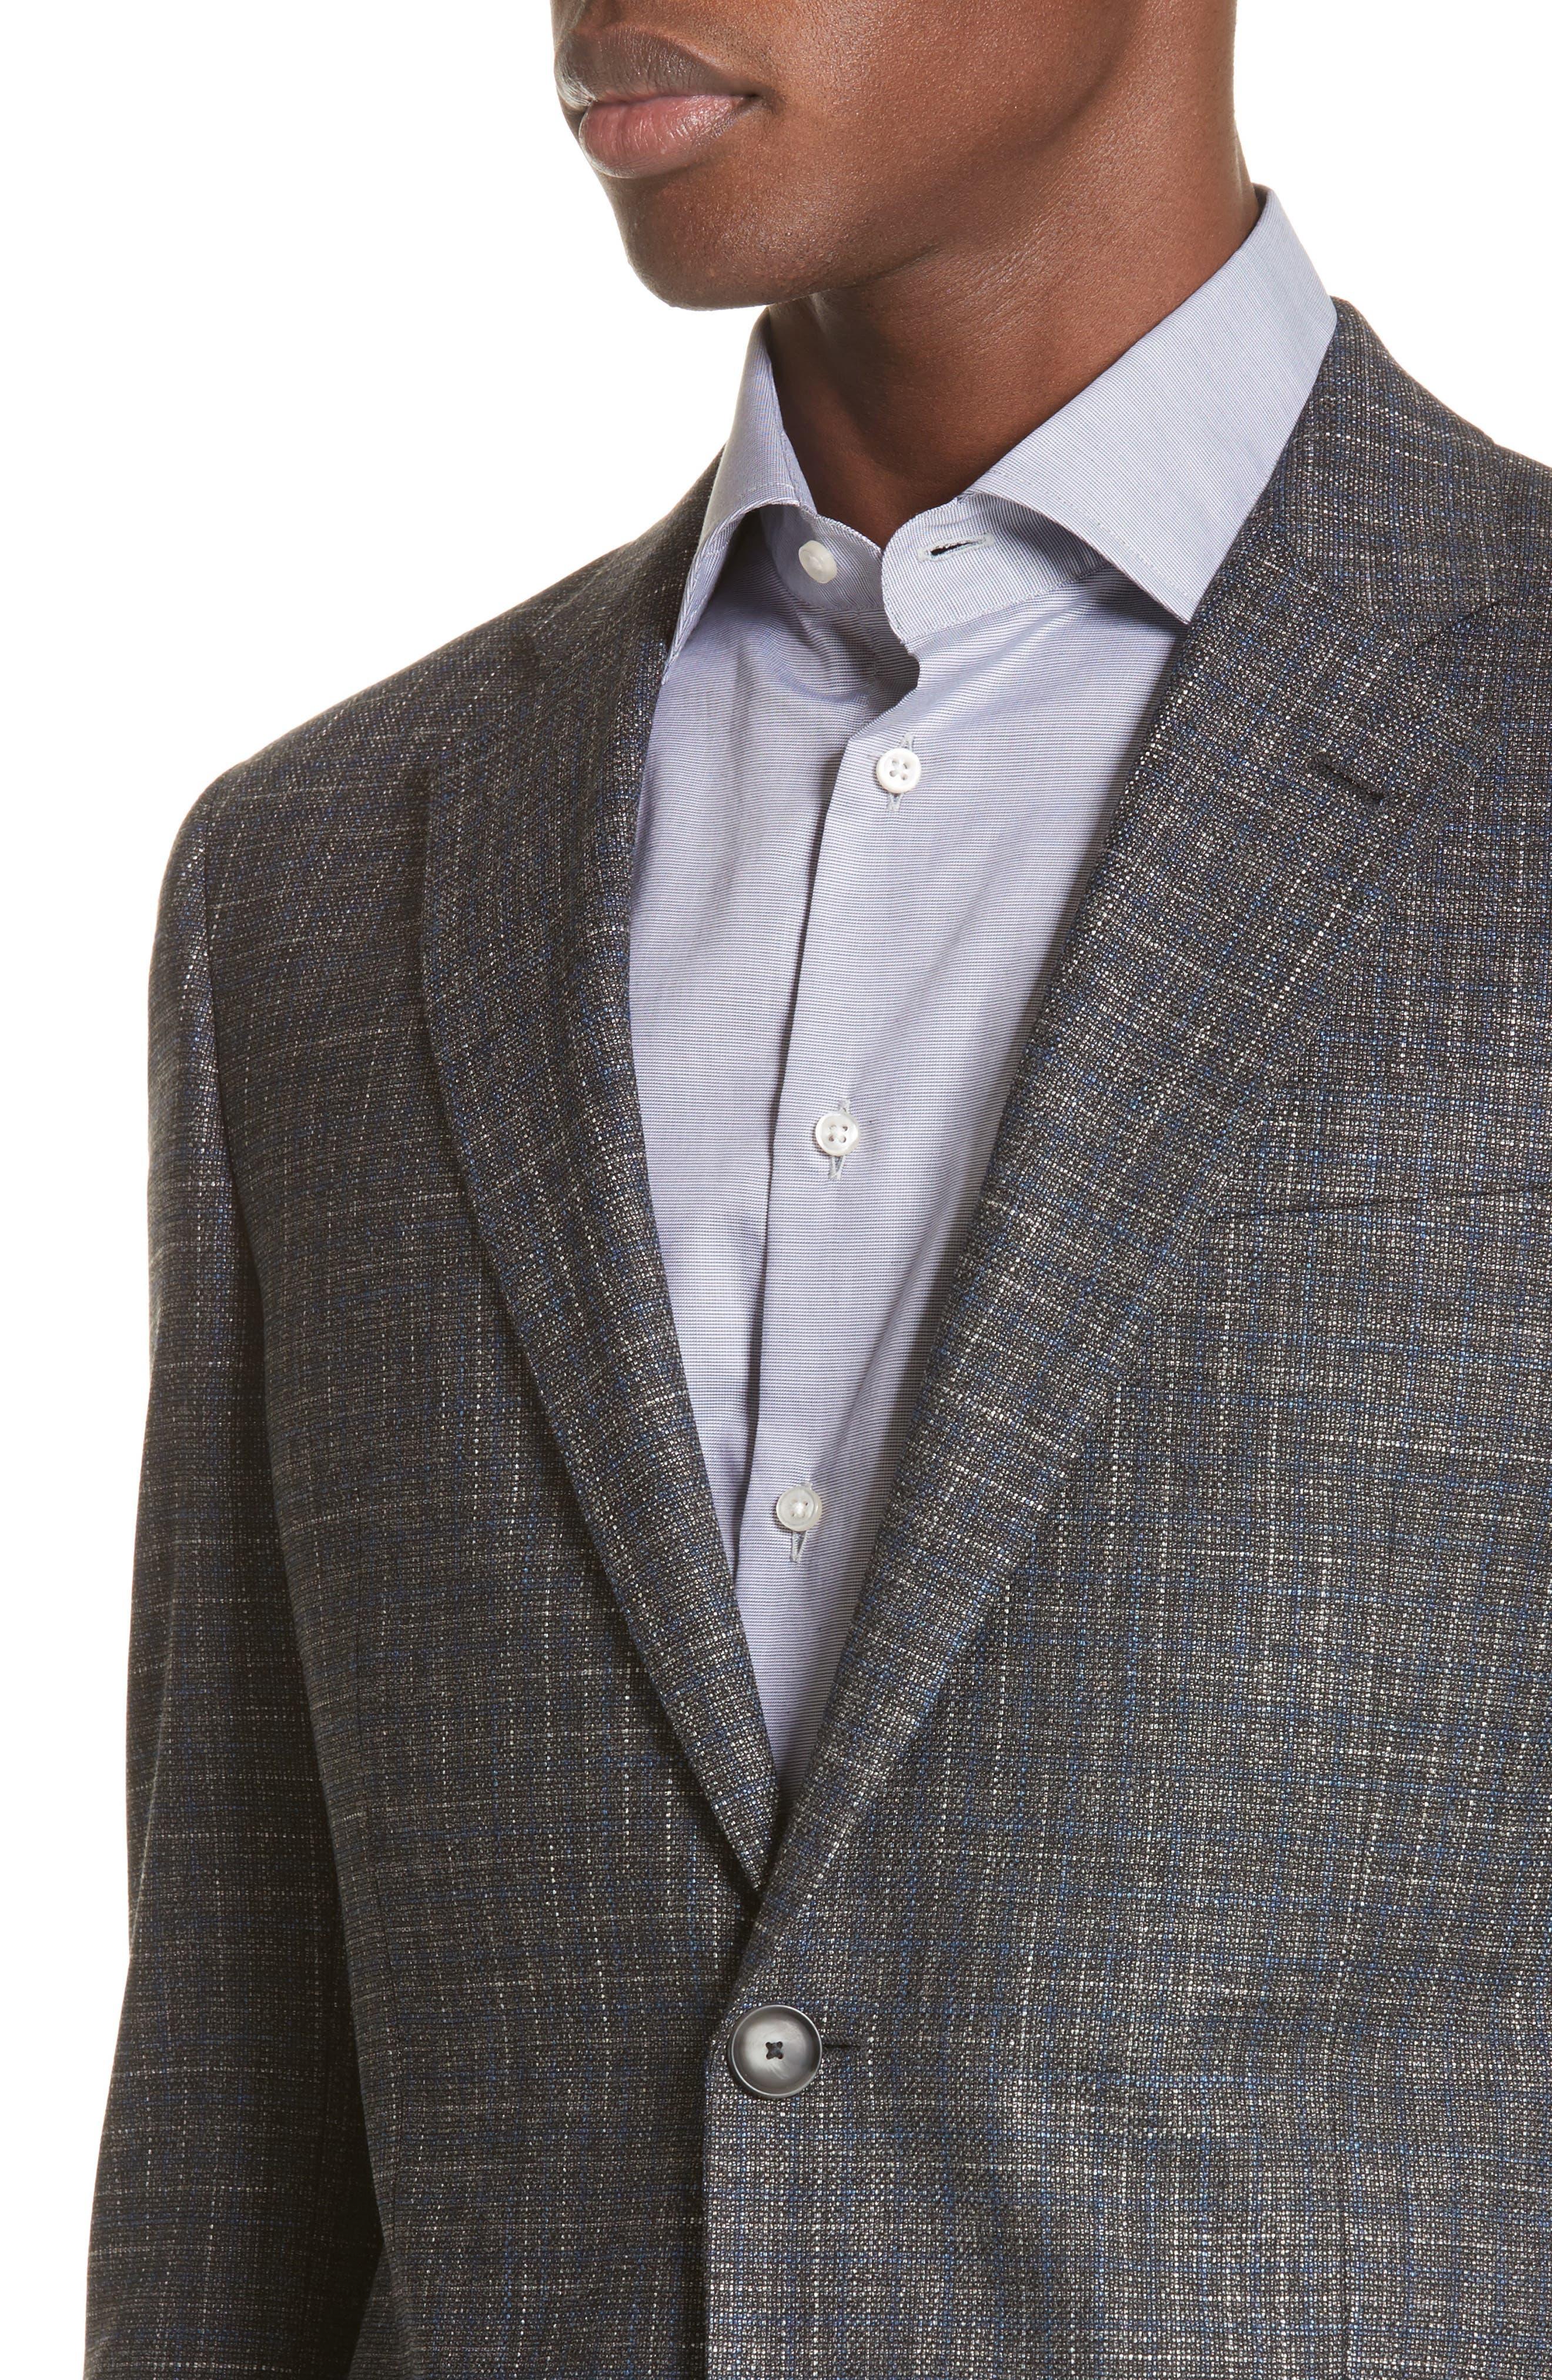 G-Line Trim Fit Check Sport Coat,                             Alternate thumbnail 4, color,